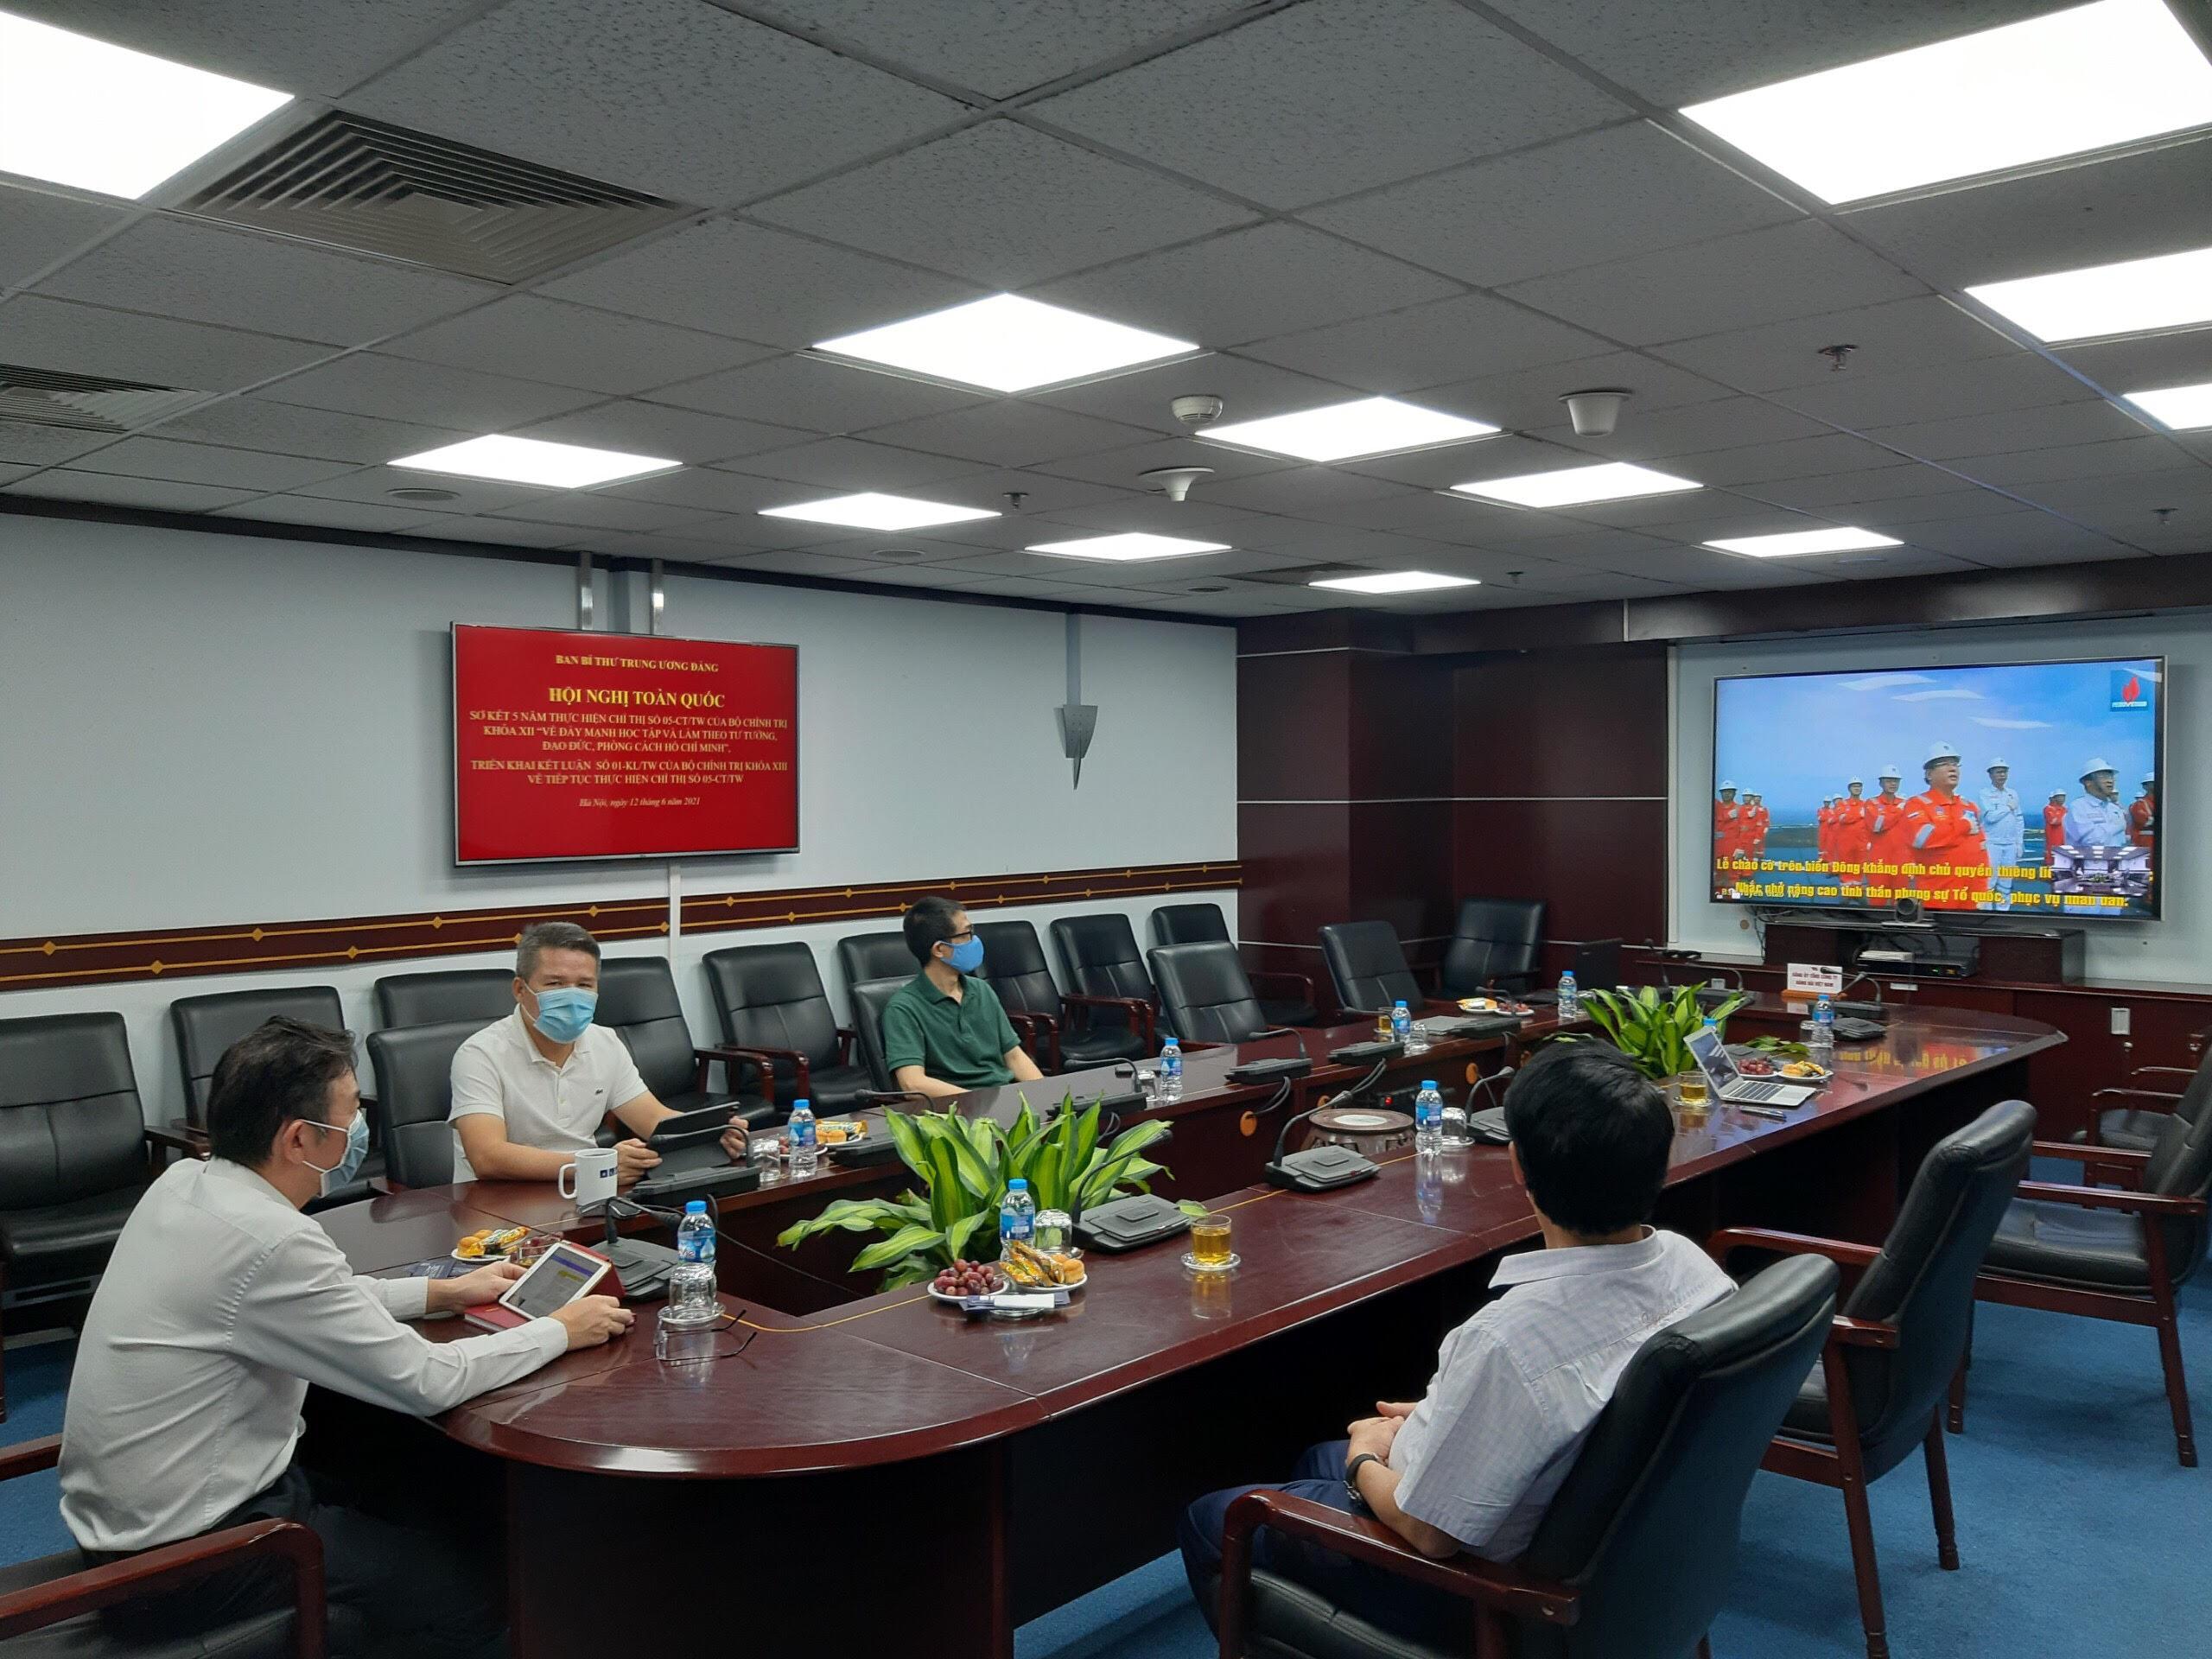 Các đại biểu tham dự Hội nghị tại điểm cầu Đảng ủy Tổng công ty Hàng hải Việt Nam.